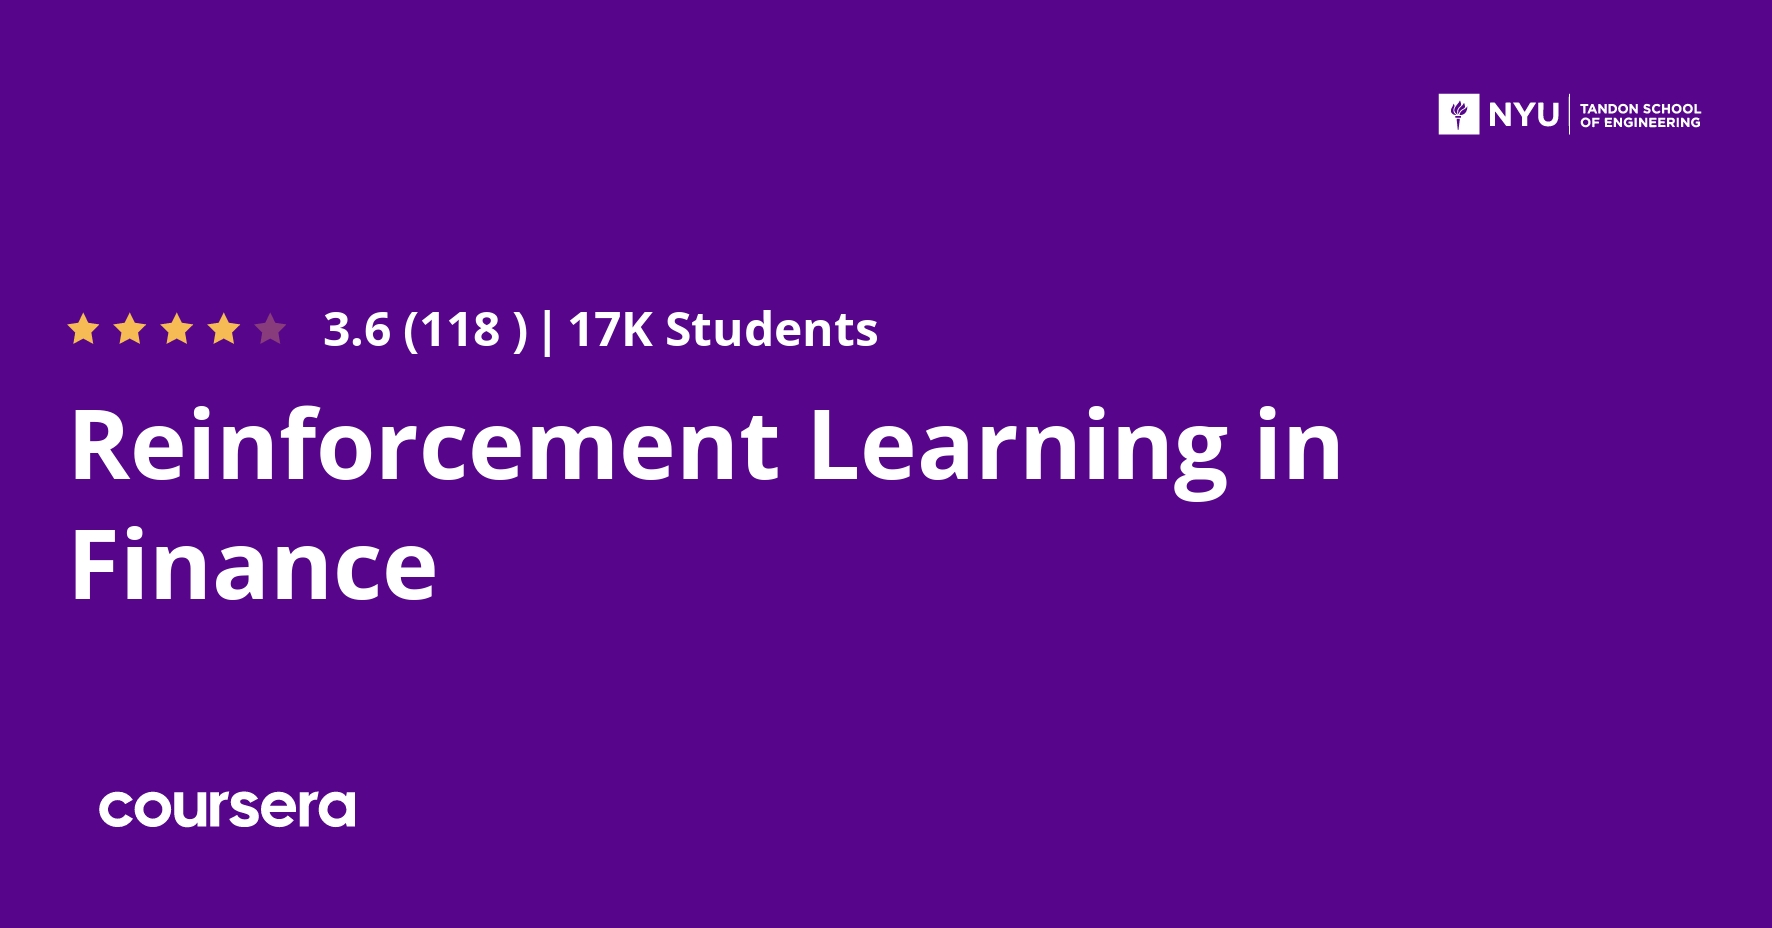 Reinforcement Learning in Finance